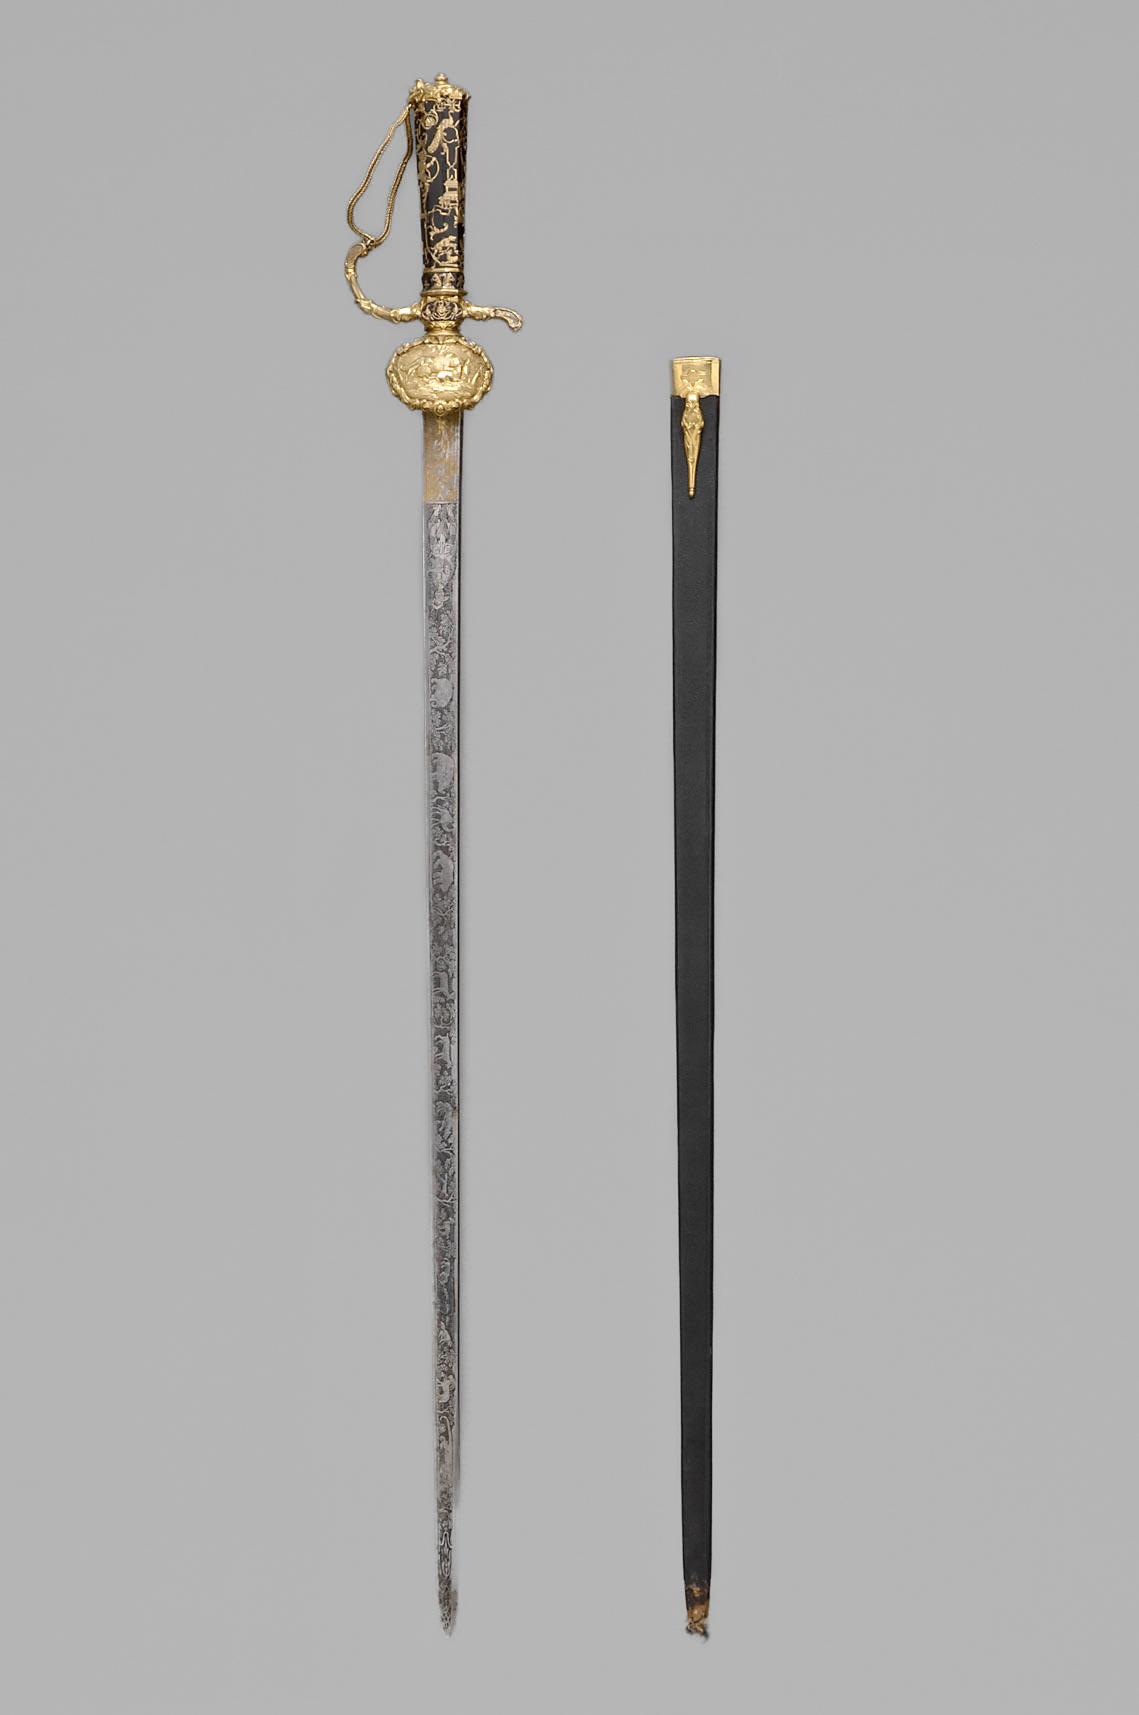 Kleiner Hirschfänger / Hofdegen (samt Scheide) von Kaiser Karl VI. Sohn des Leopold I. von Habsburg Österreich